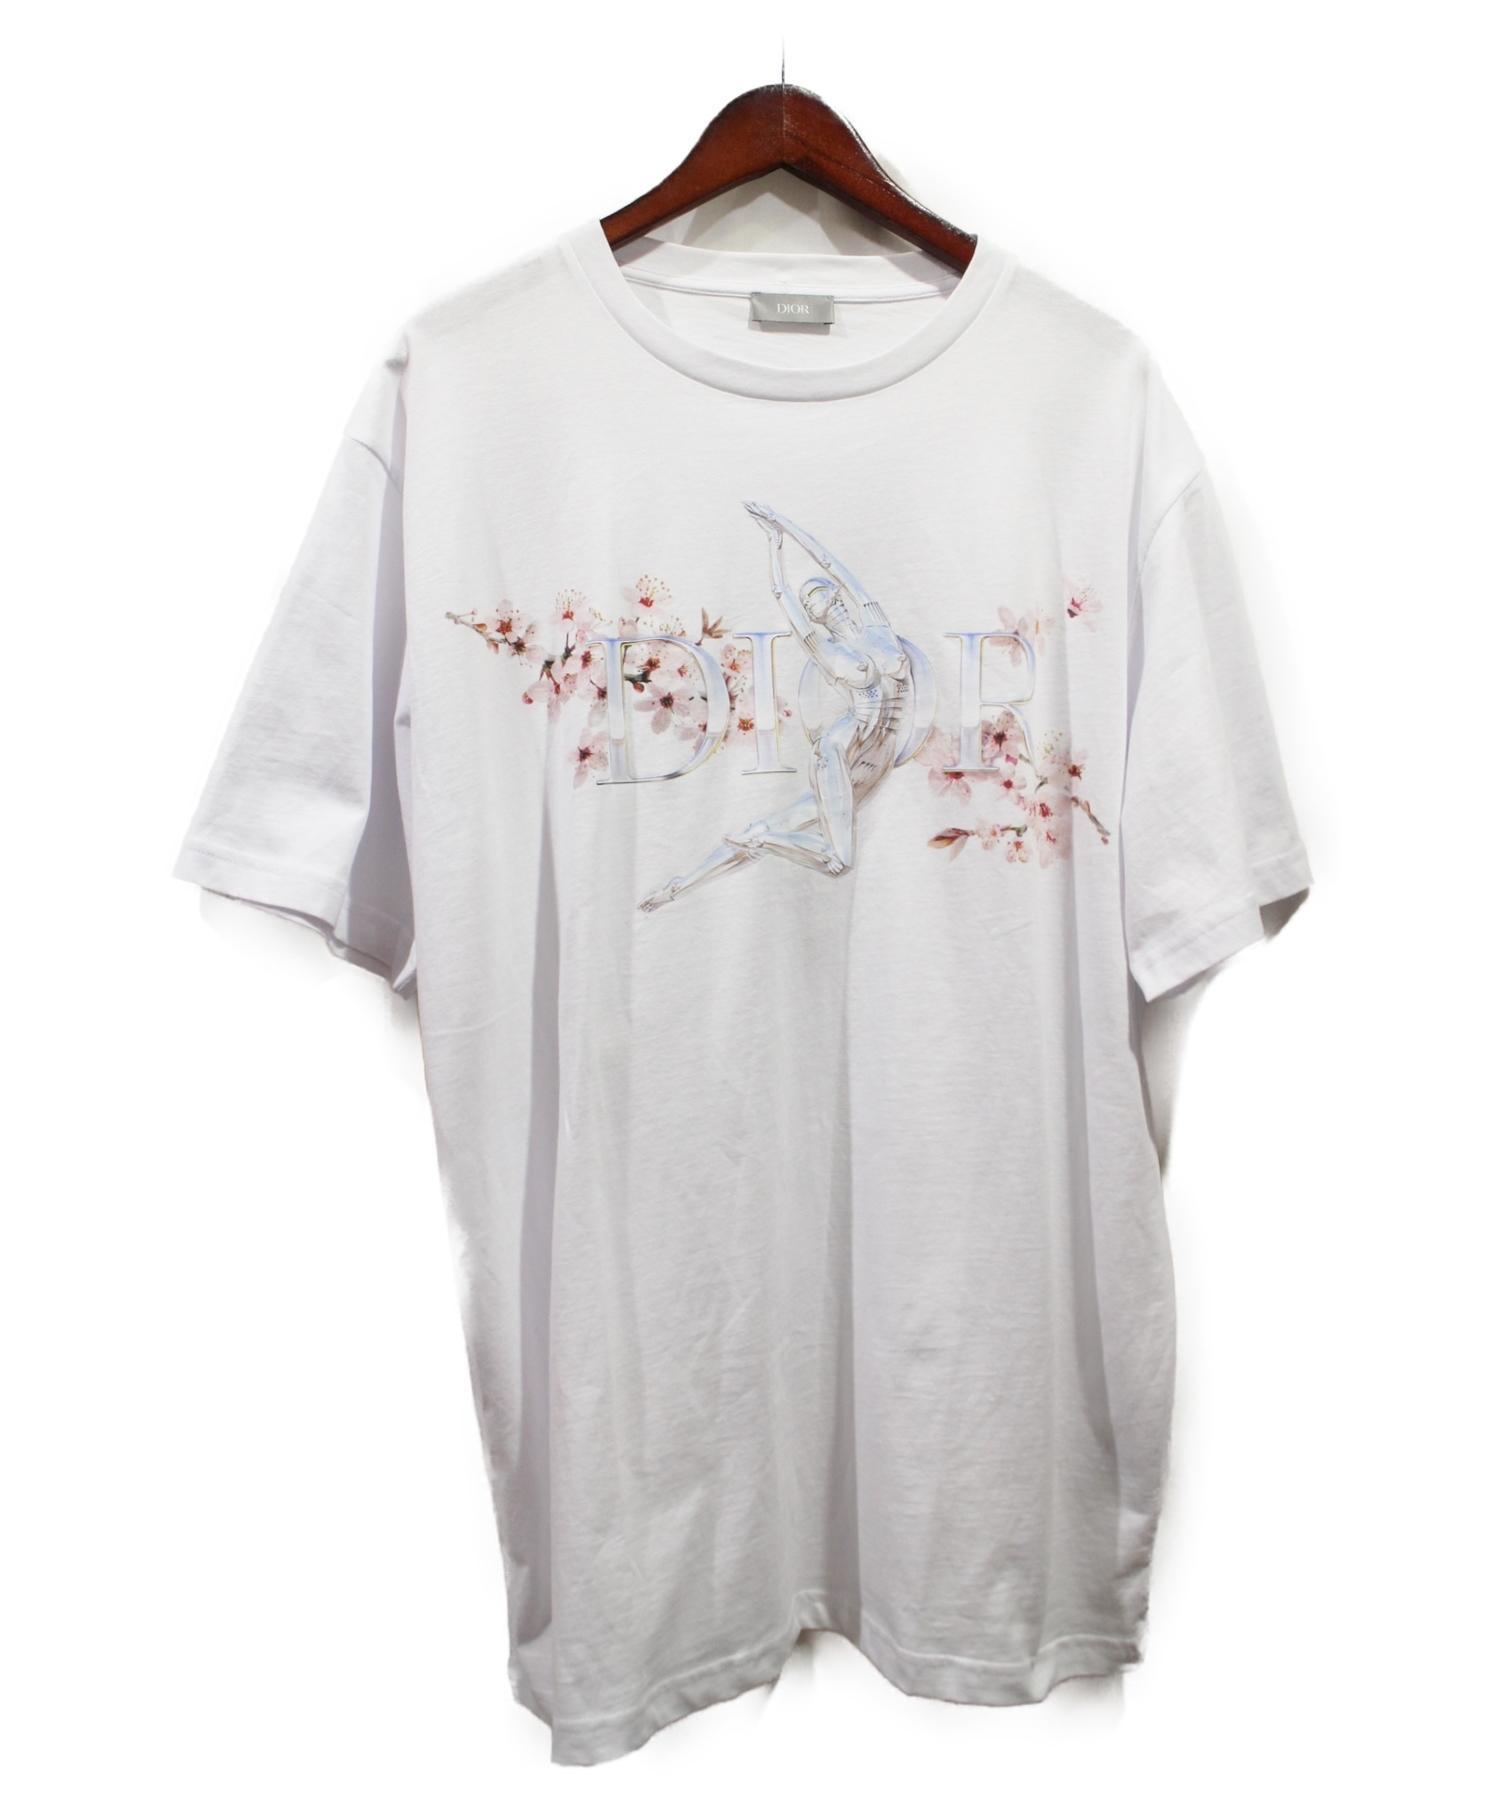 on sale 289bc 62d07 [中古]Dior Homme(ディオールオム)のメンズ トップス 顧客限定Tシャツ